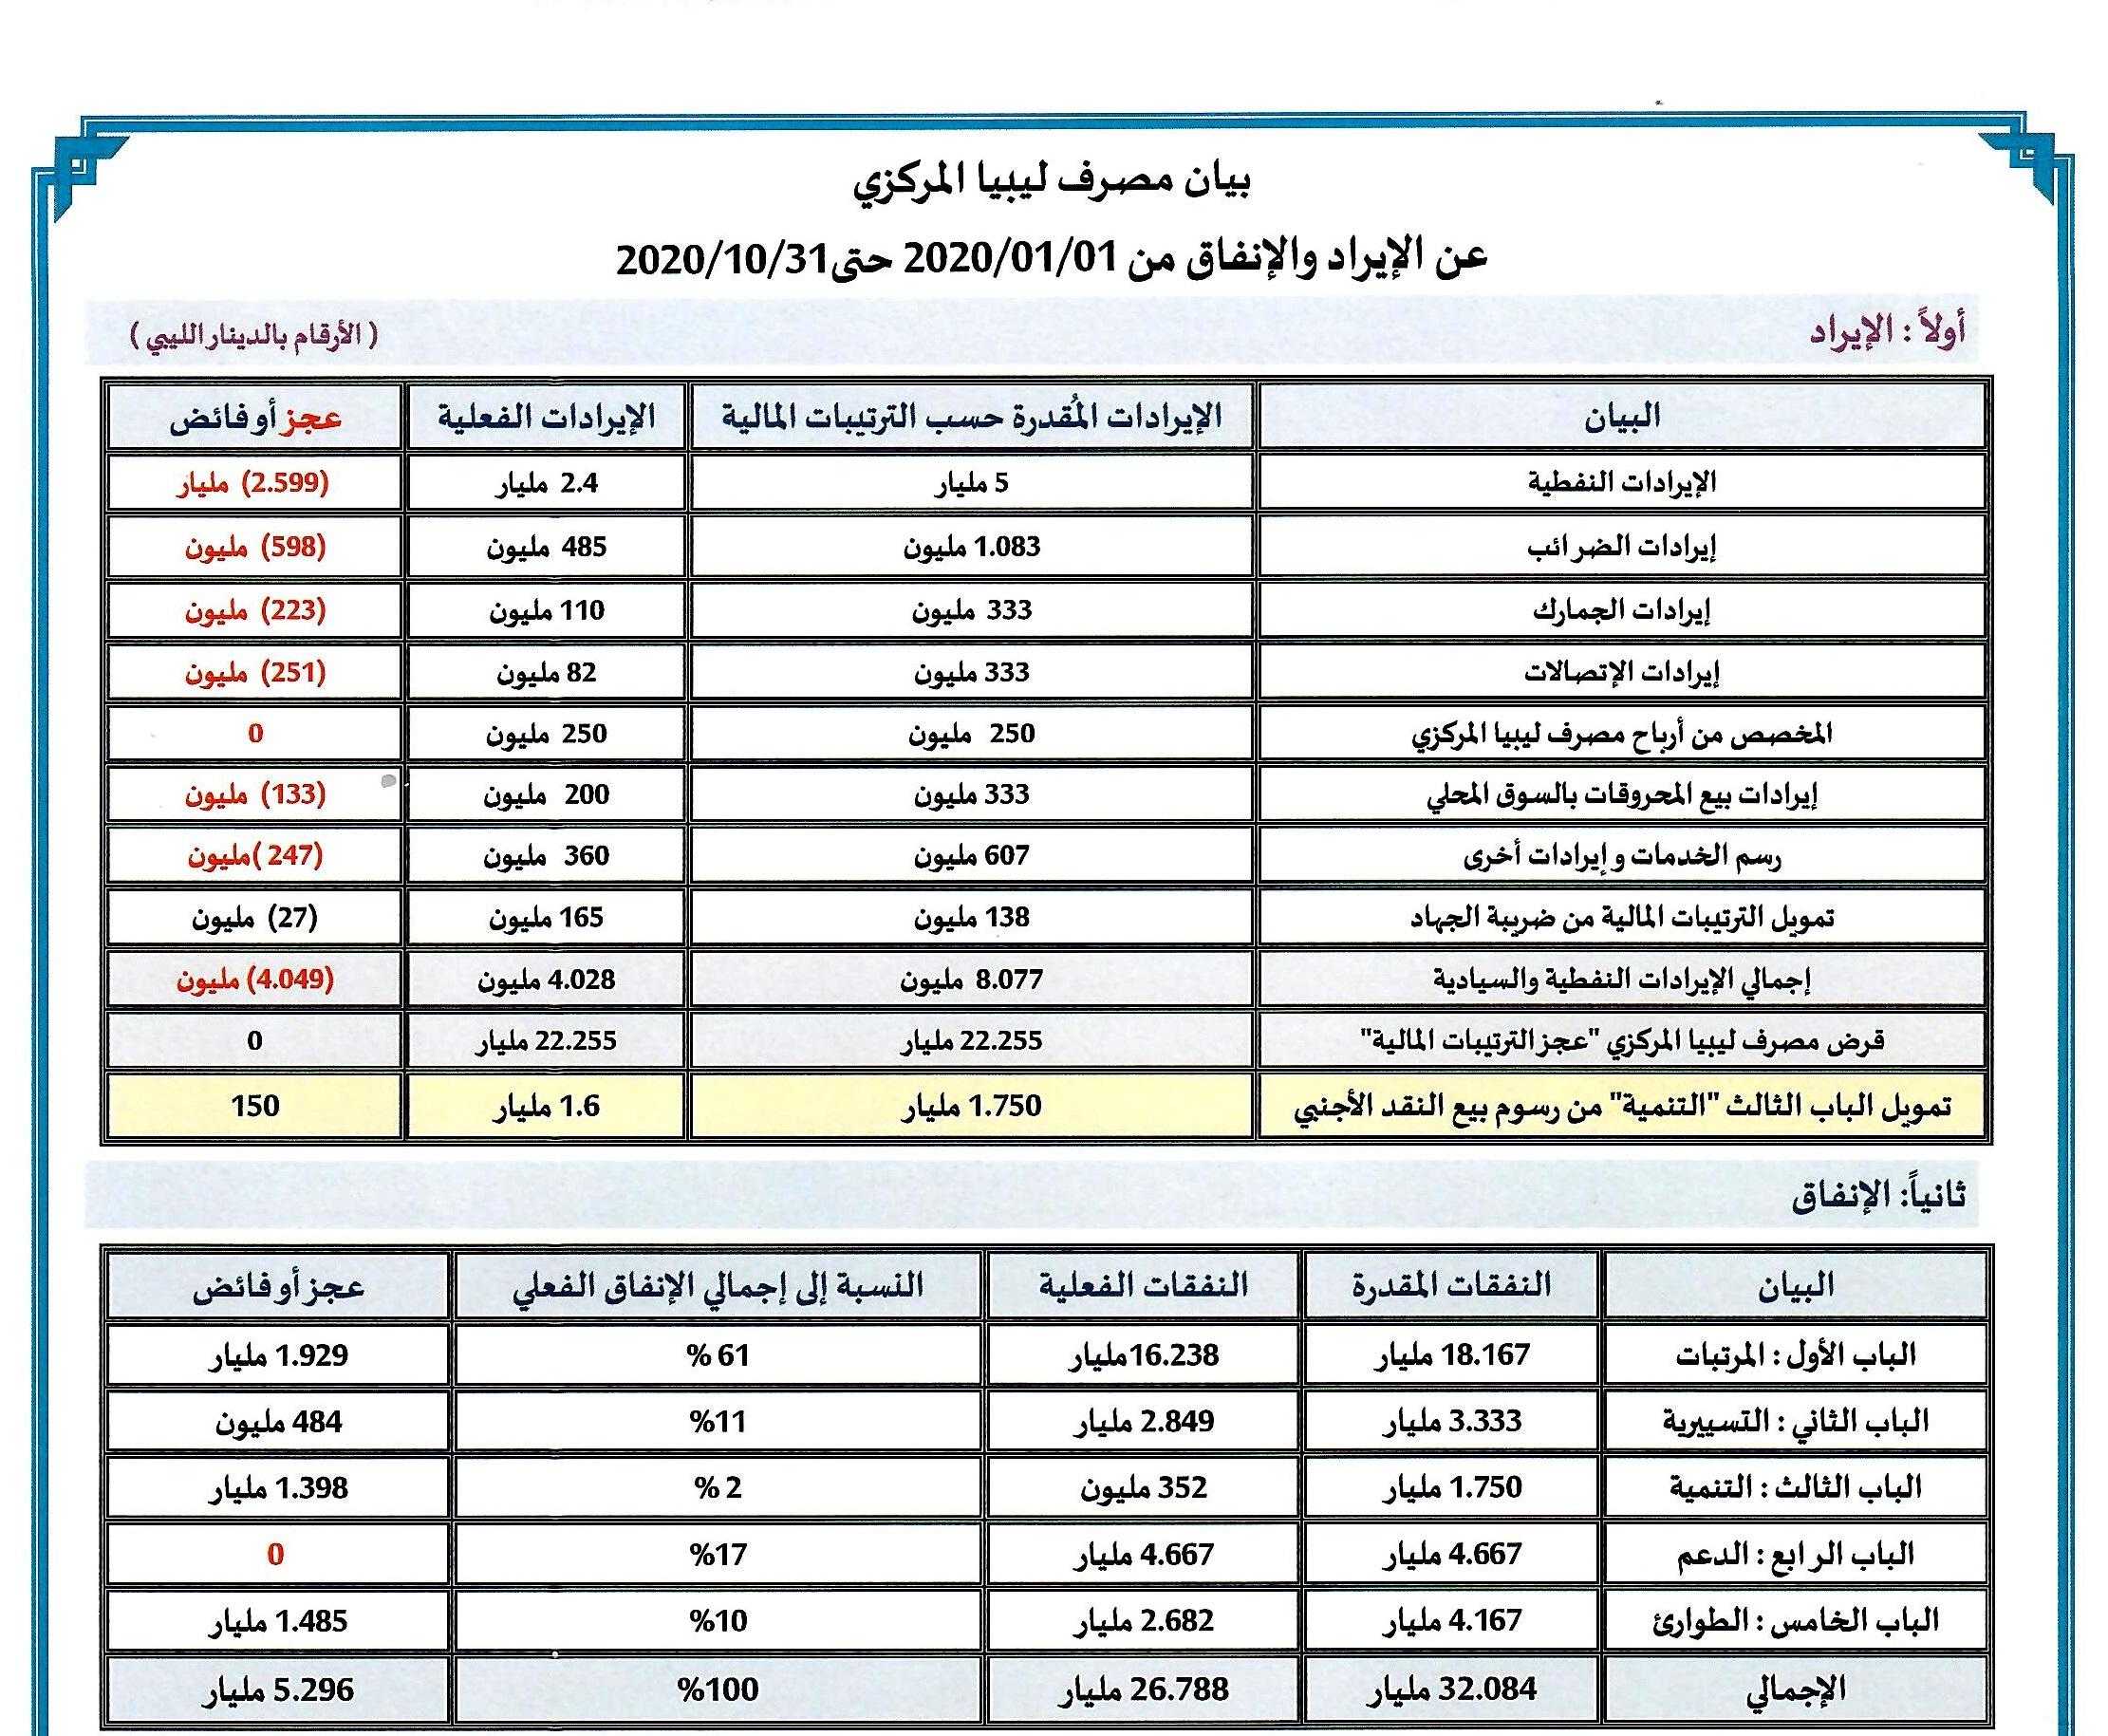 بيان مصرف ليبيا المركزي عن الإيراد والإنفاق من 1-1-2020 حتى 31-10-2020 مرفق معه كشف بالمبالغ المباعة للمصارف التجارية خلال نفس الفترة.